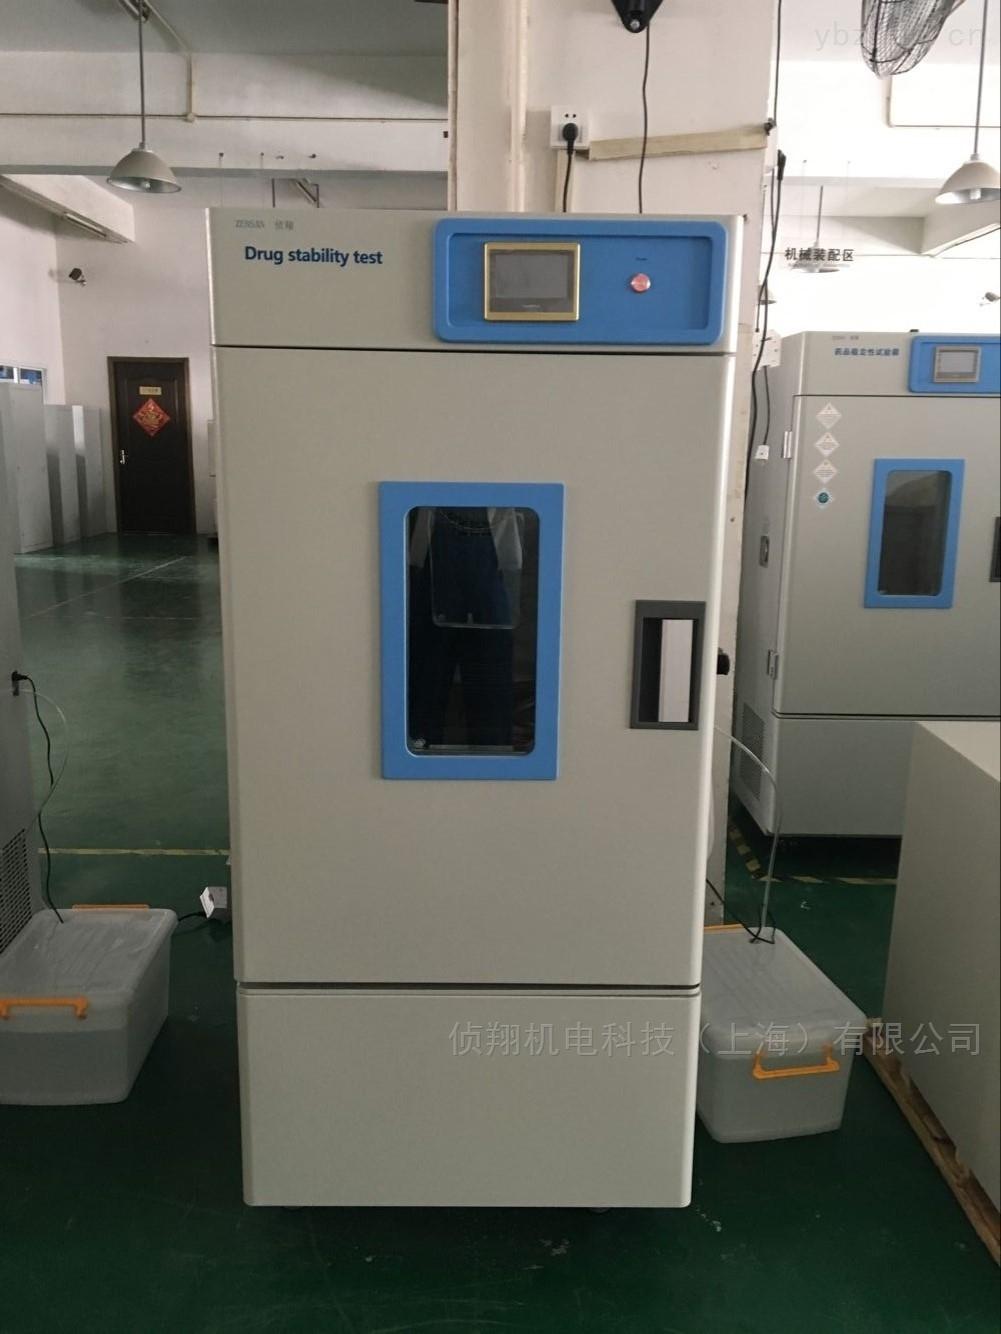 高低溫藥品穩定性試驗箱